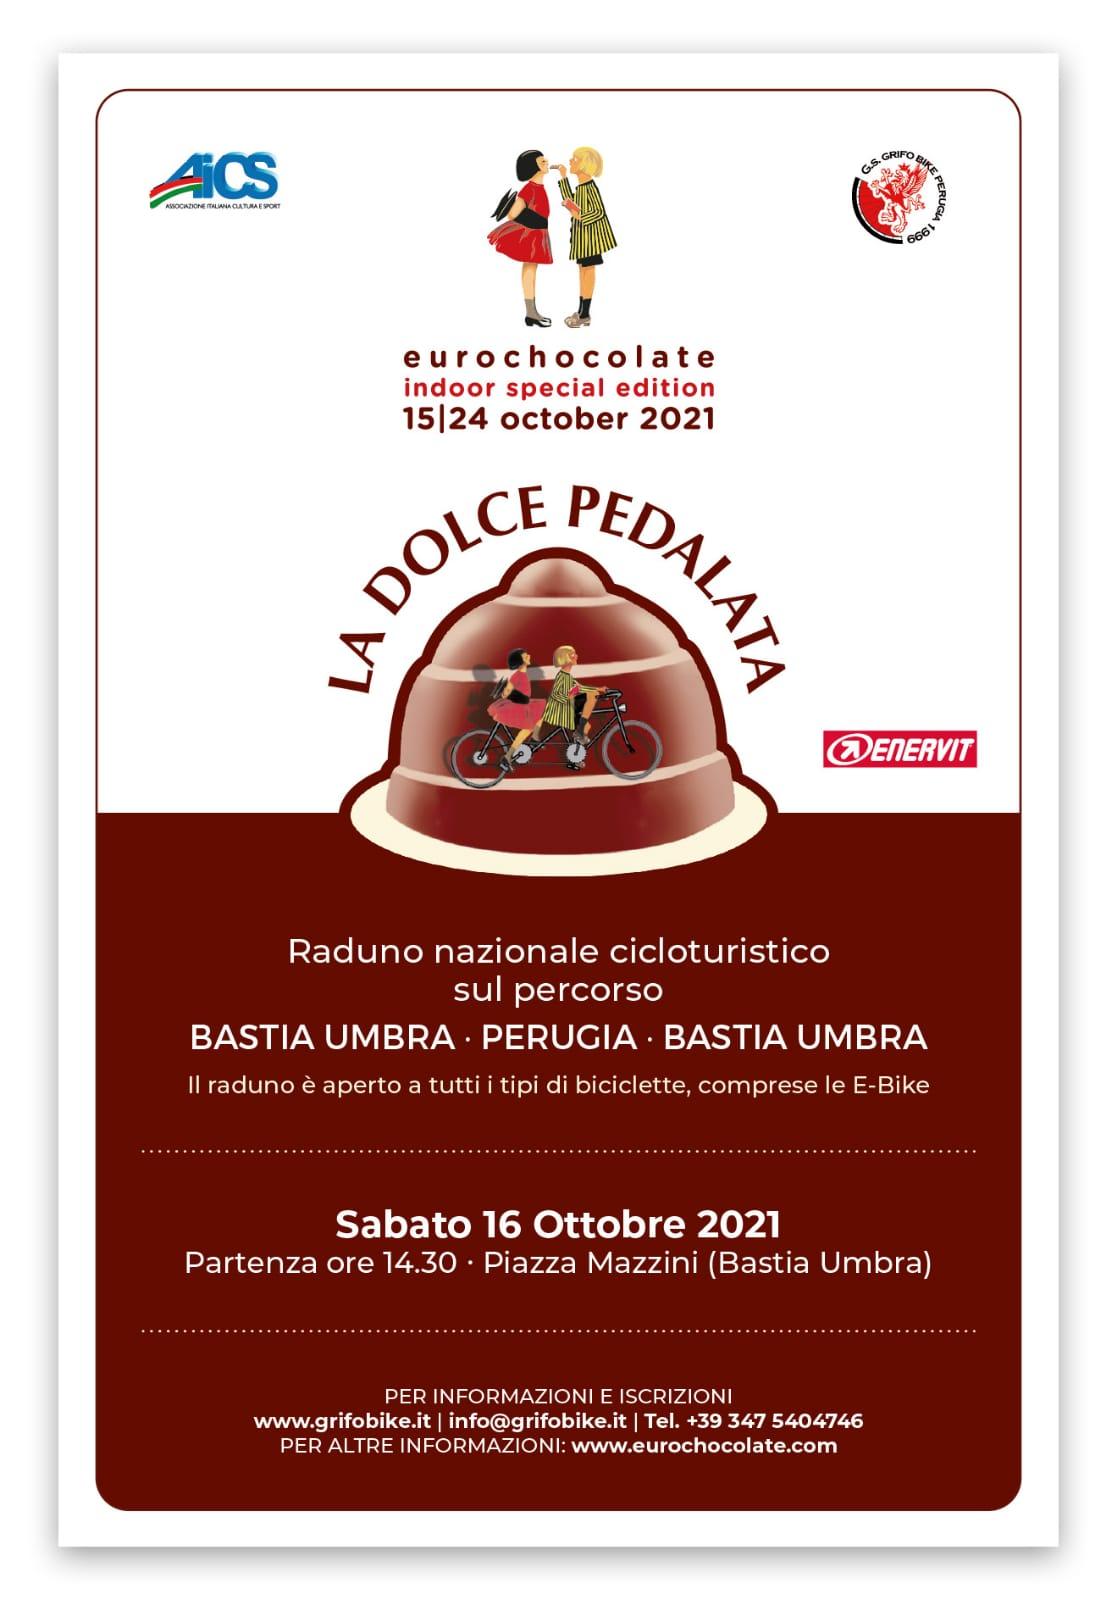 La Dolce Pedalata – special edition